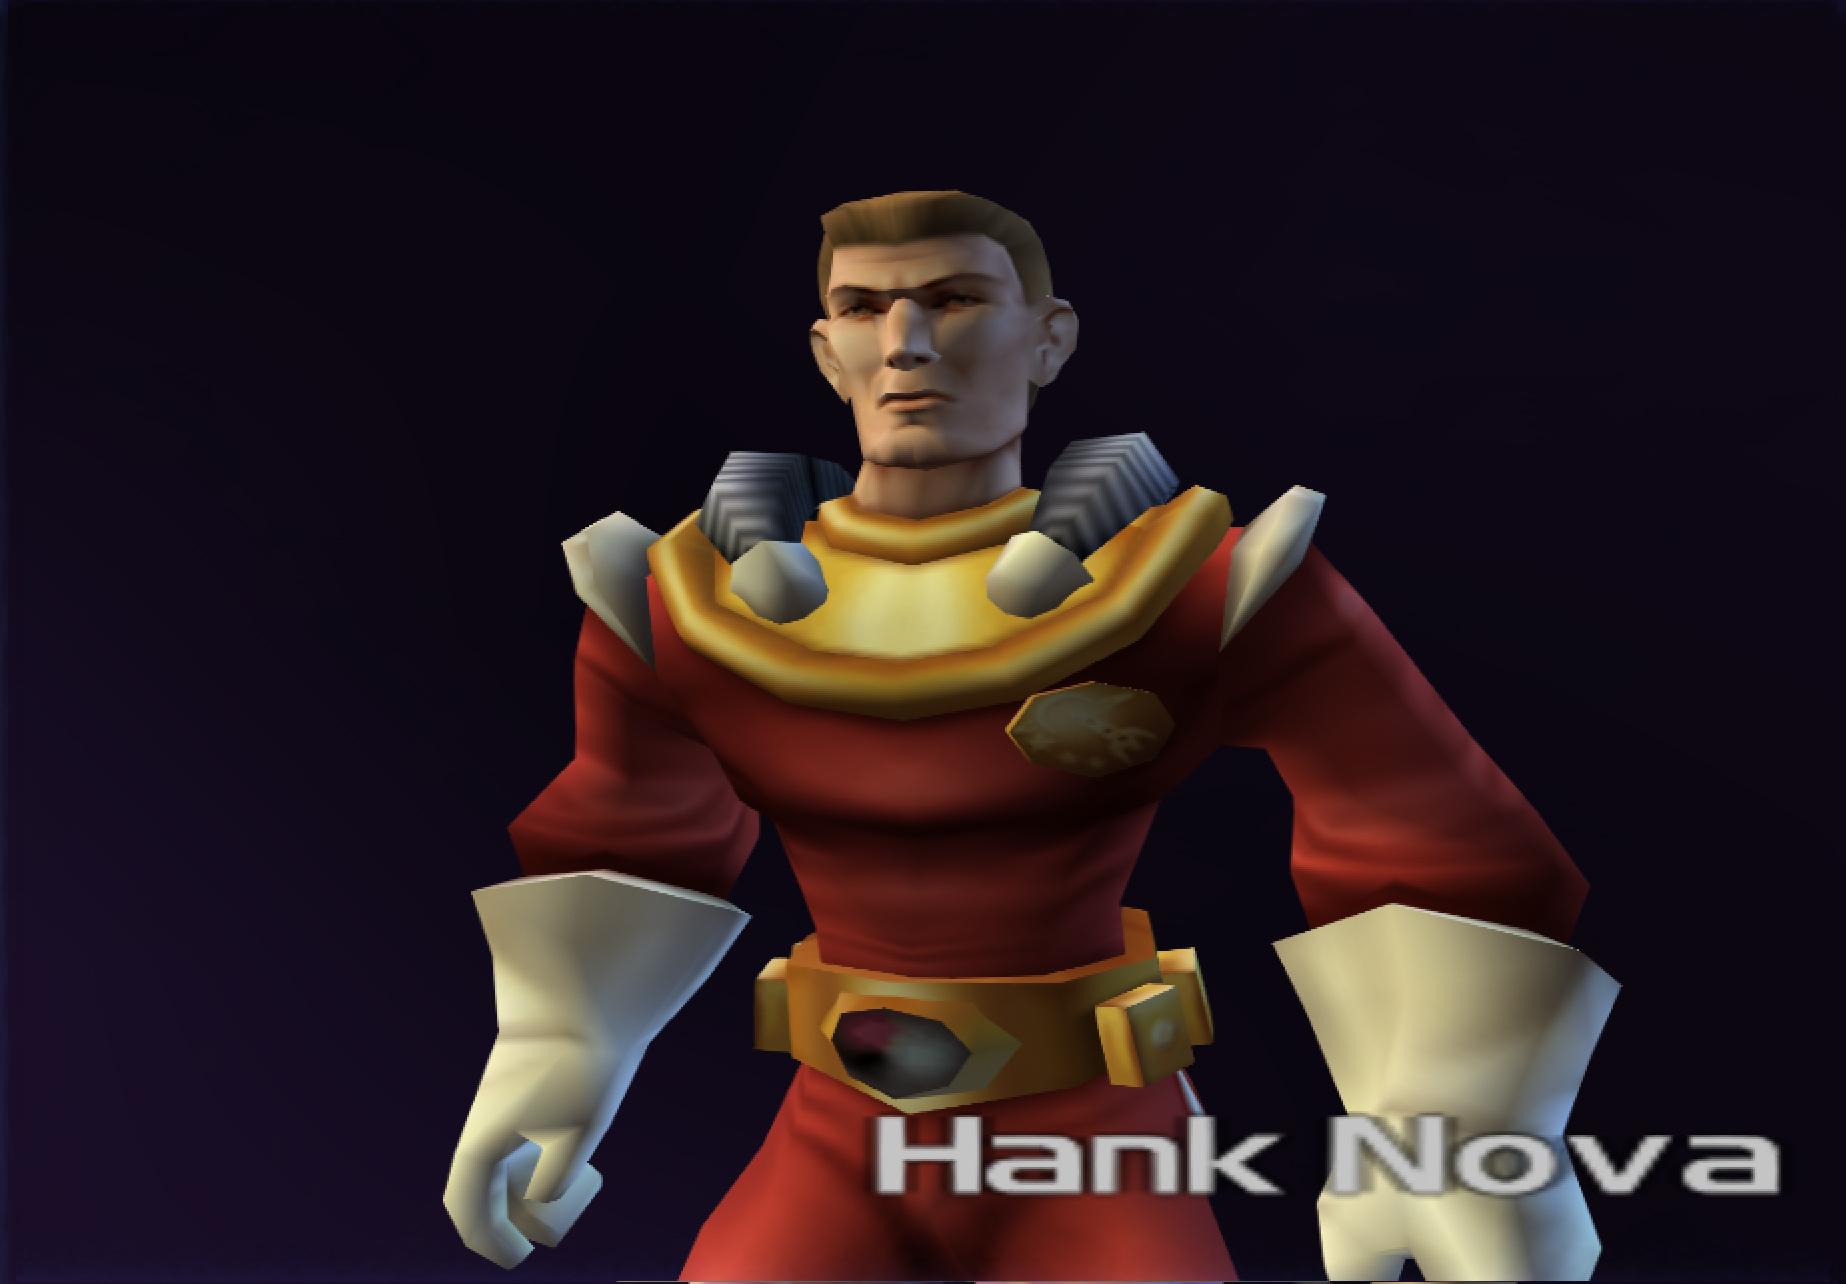 Hank Nova